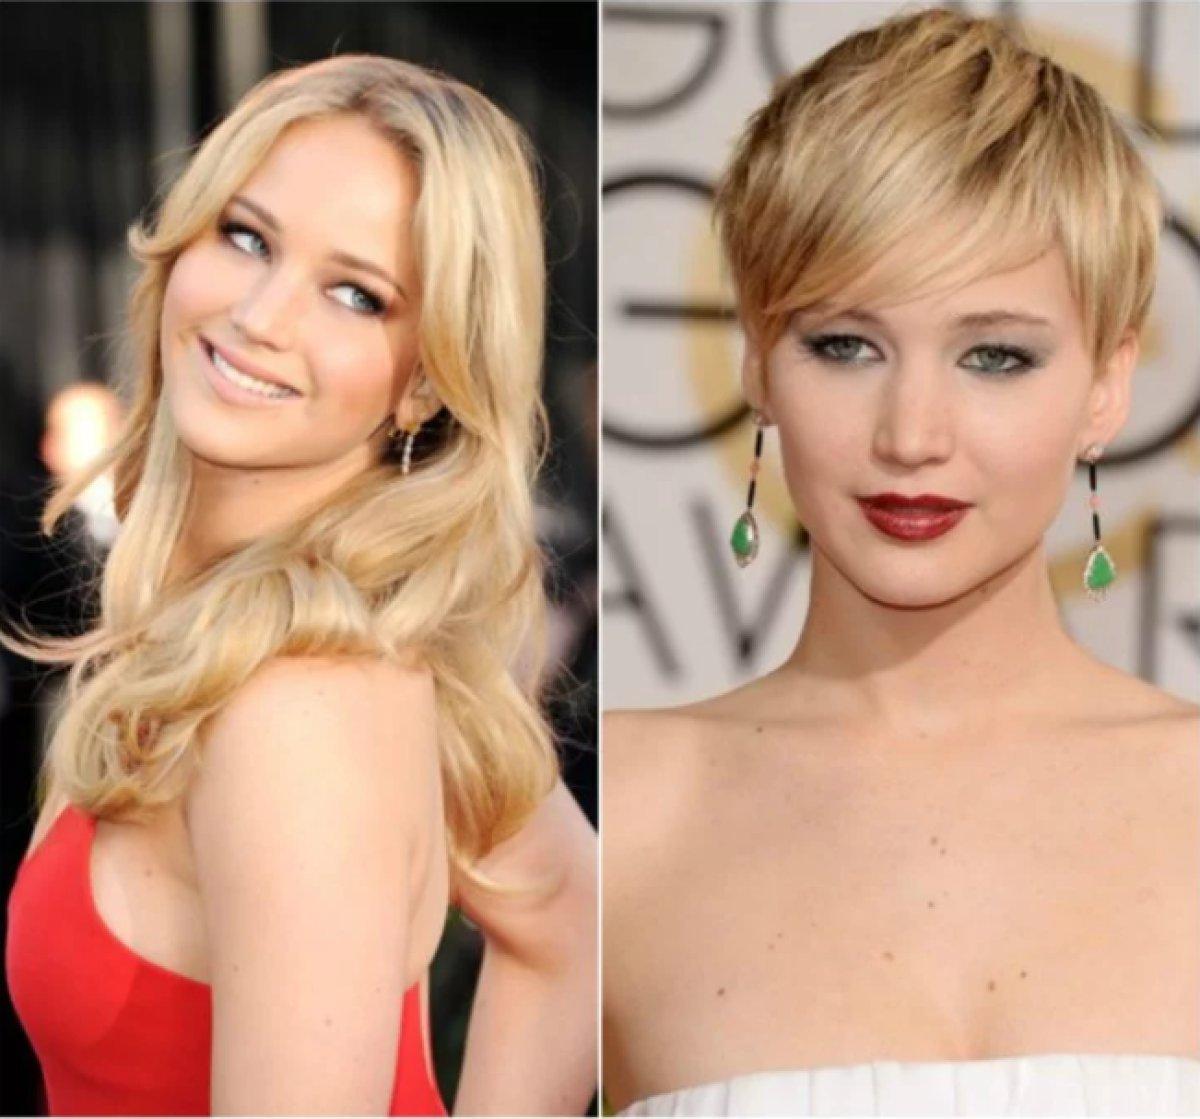 Estas famosas decidieron cambiar su look y ¡Se raparon!